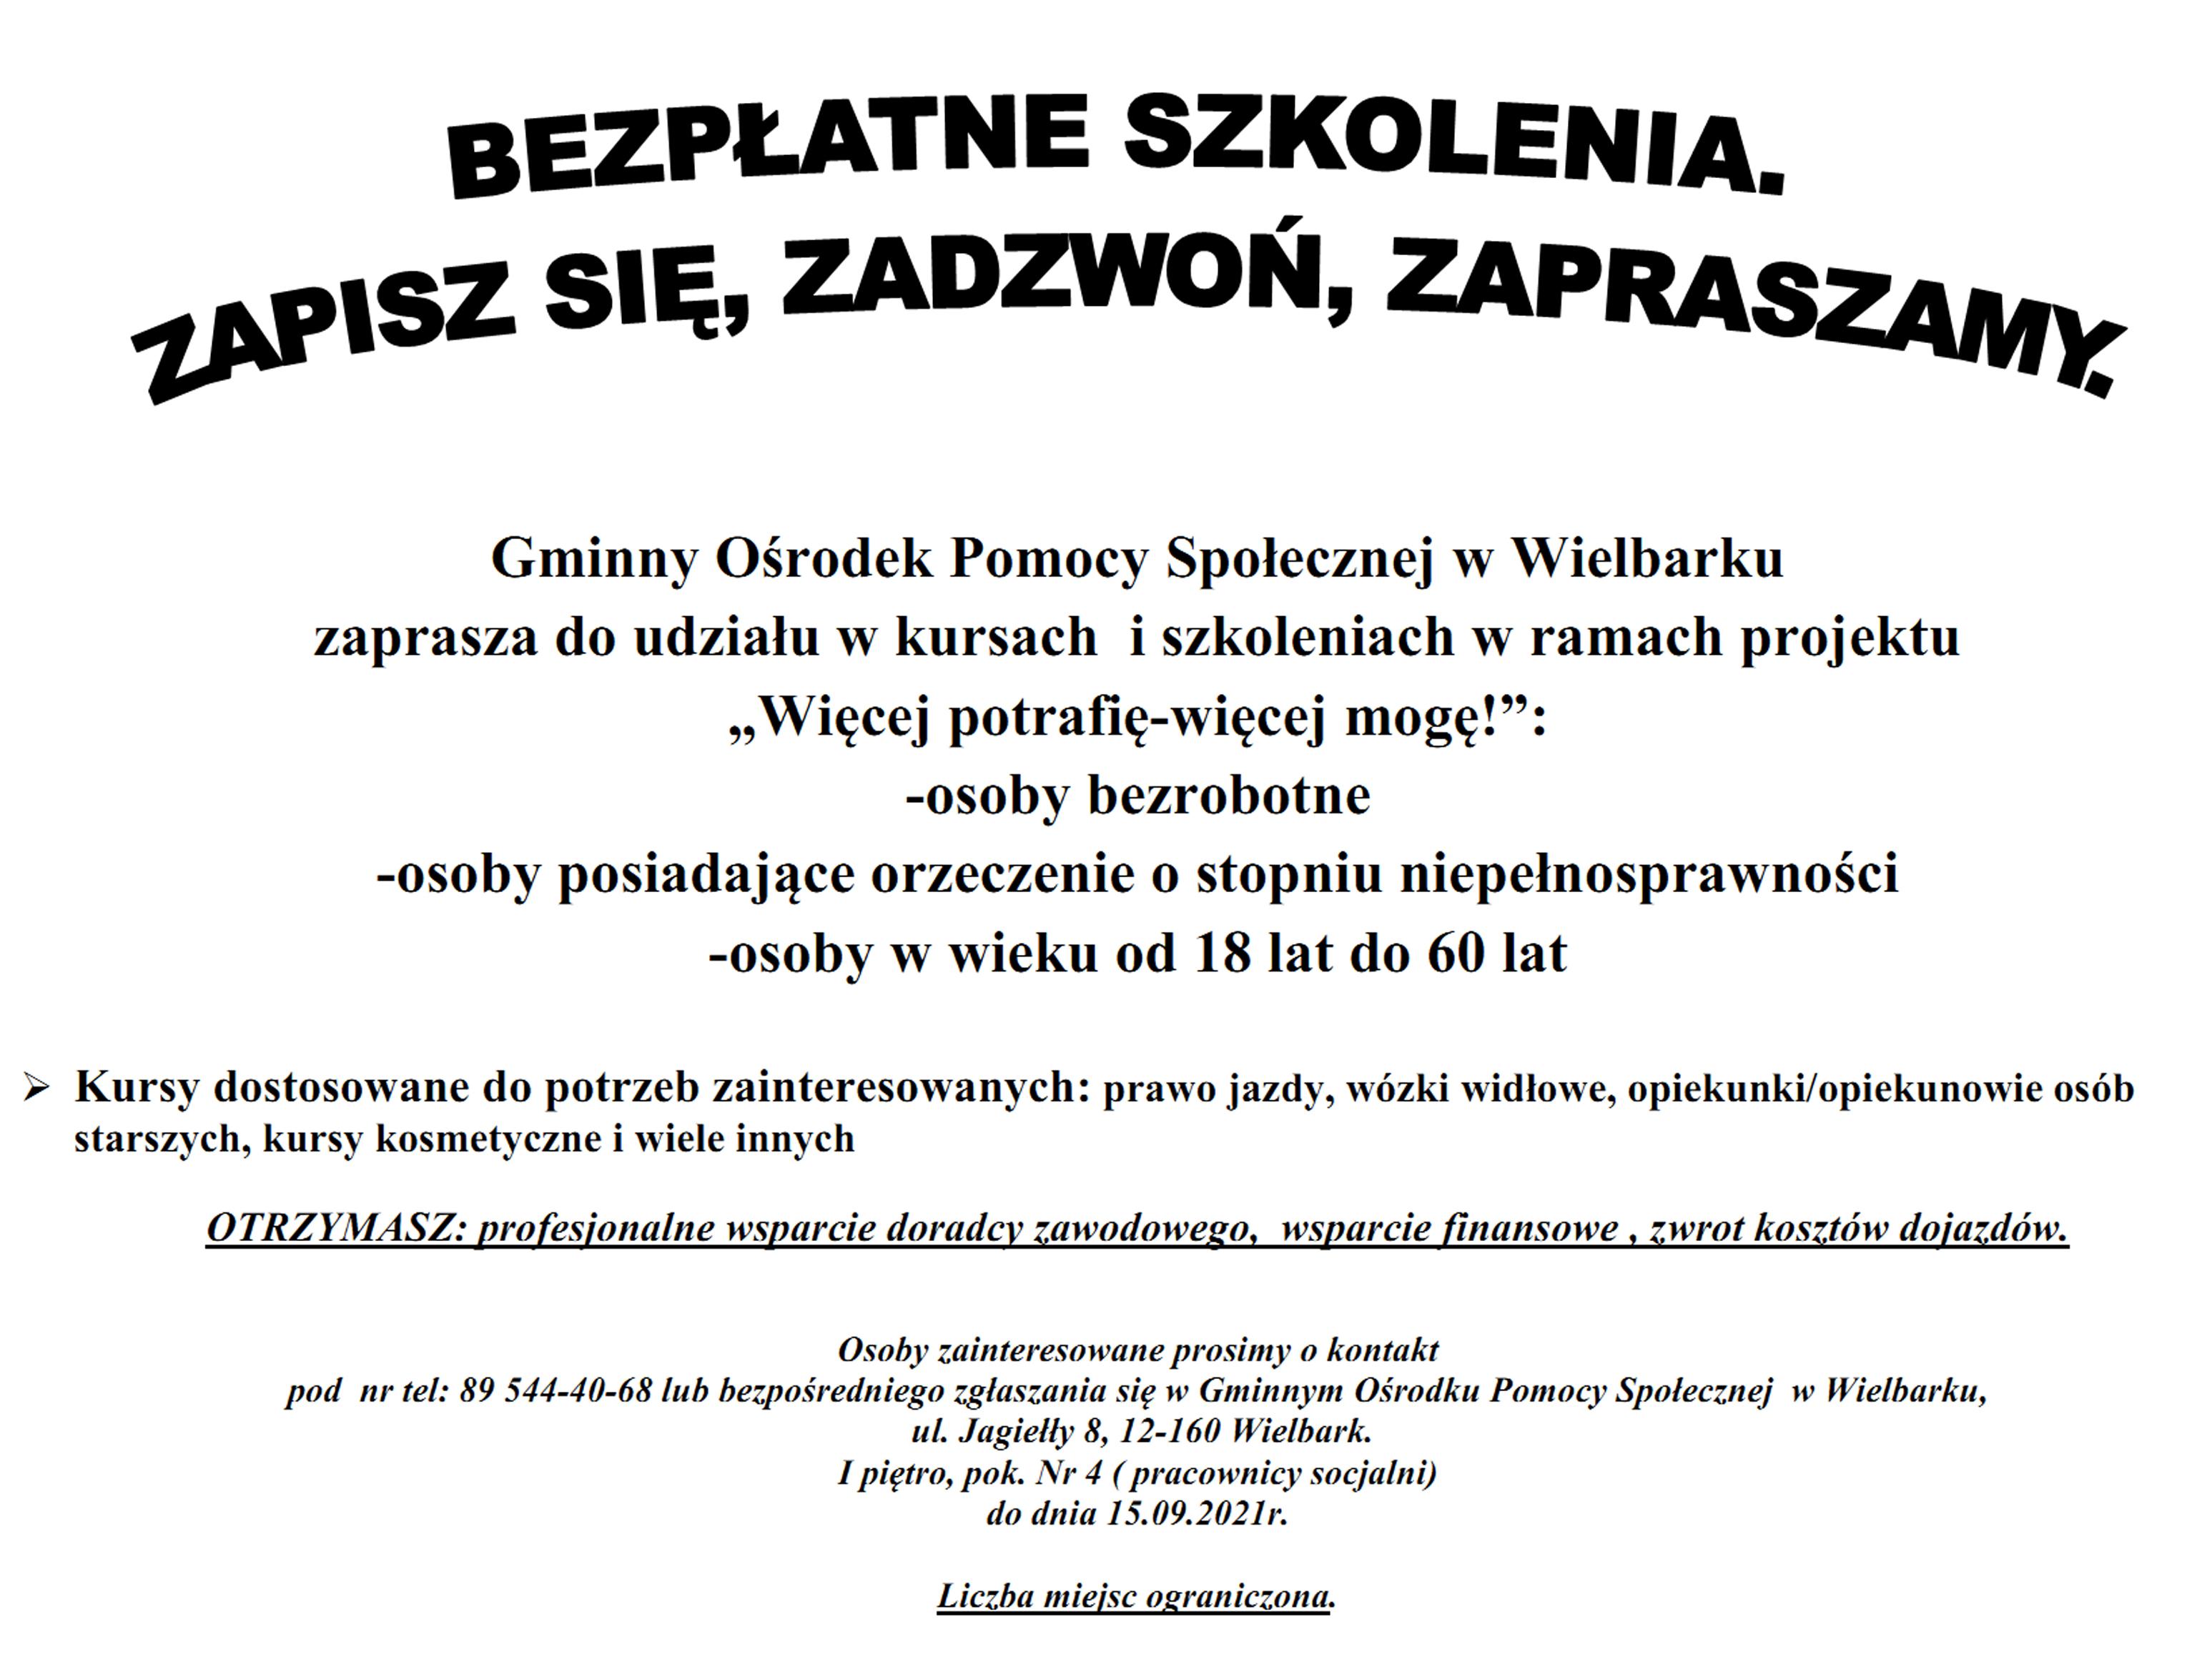 https://m.powiatszczycienski.pl/2021/08/orig/wiecej-potrafie-wiecej-moge-42381.jpg